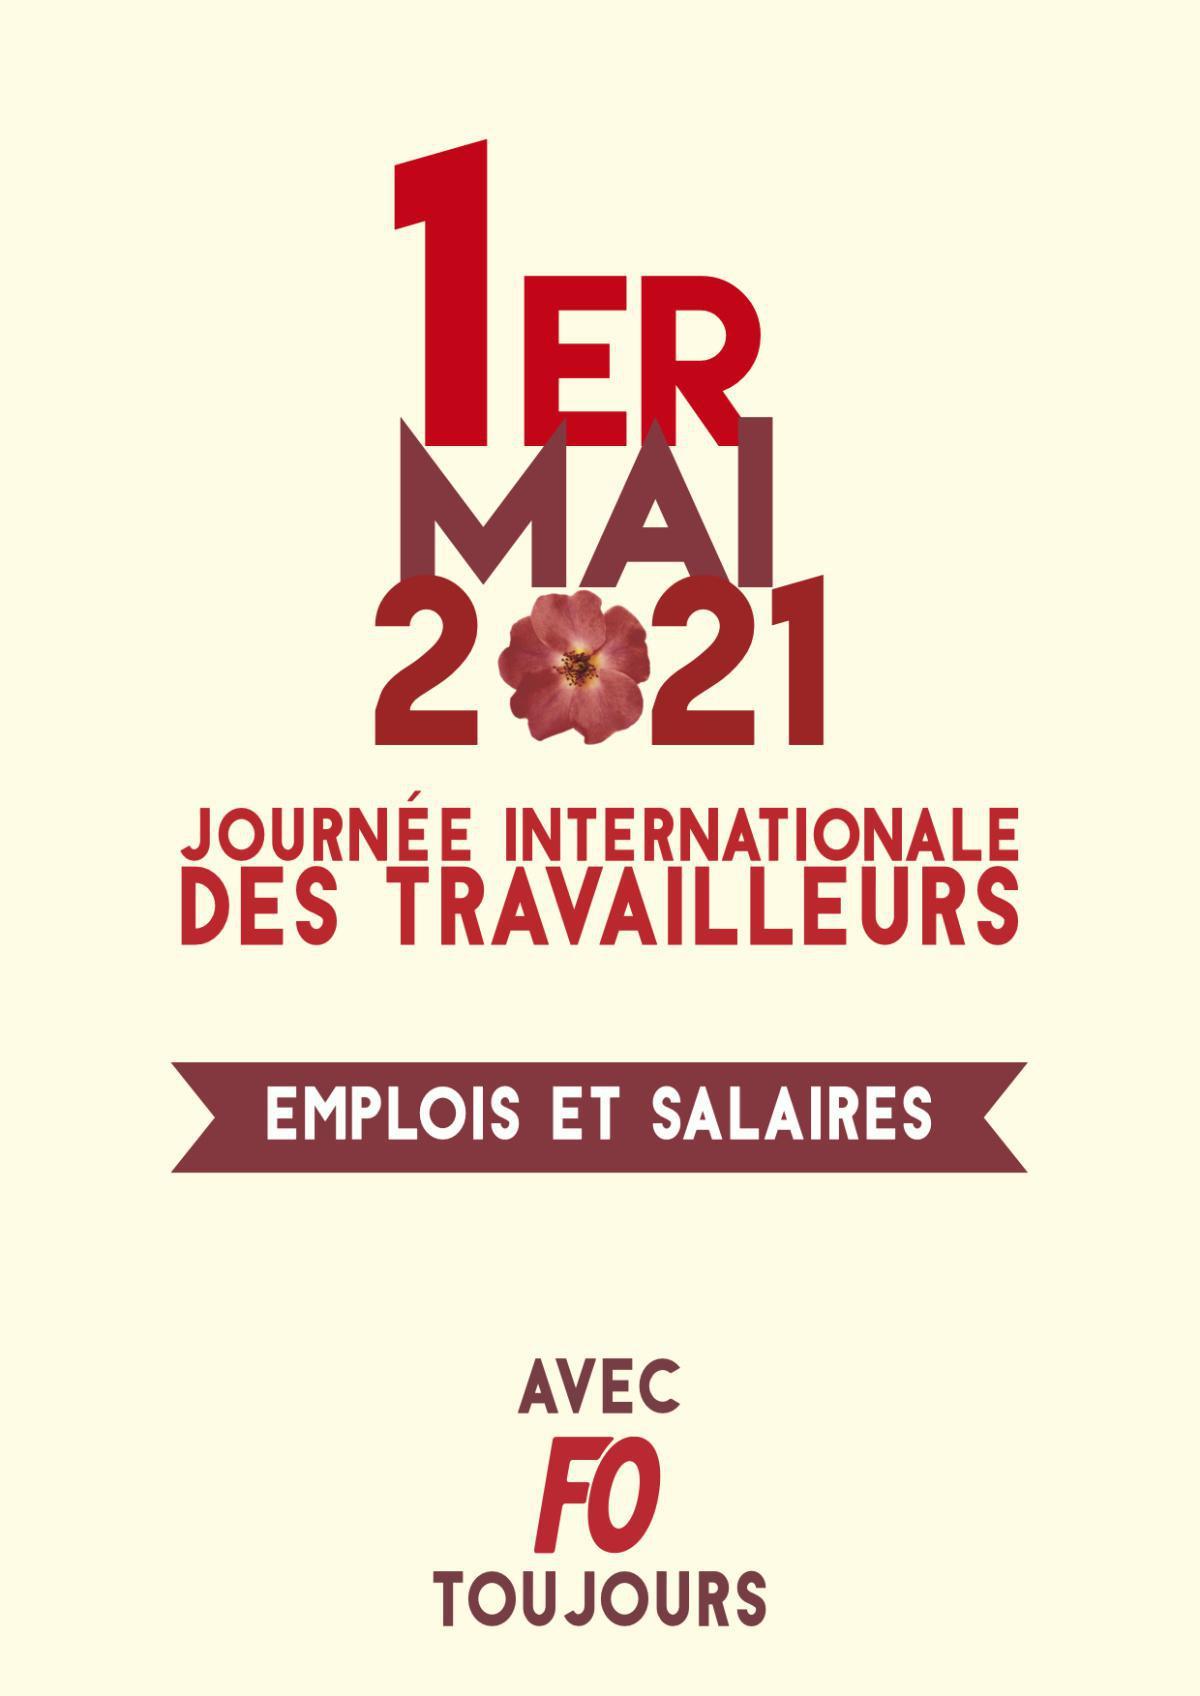 Le 1er mai AGISSONS ! Les retraités ensemble avec les actifs pour les droits sociaux et les libertés